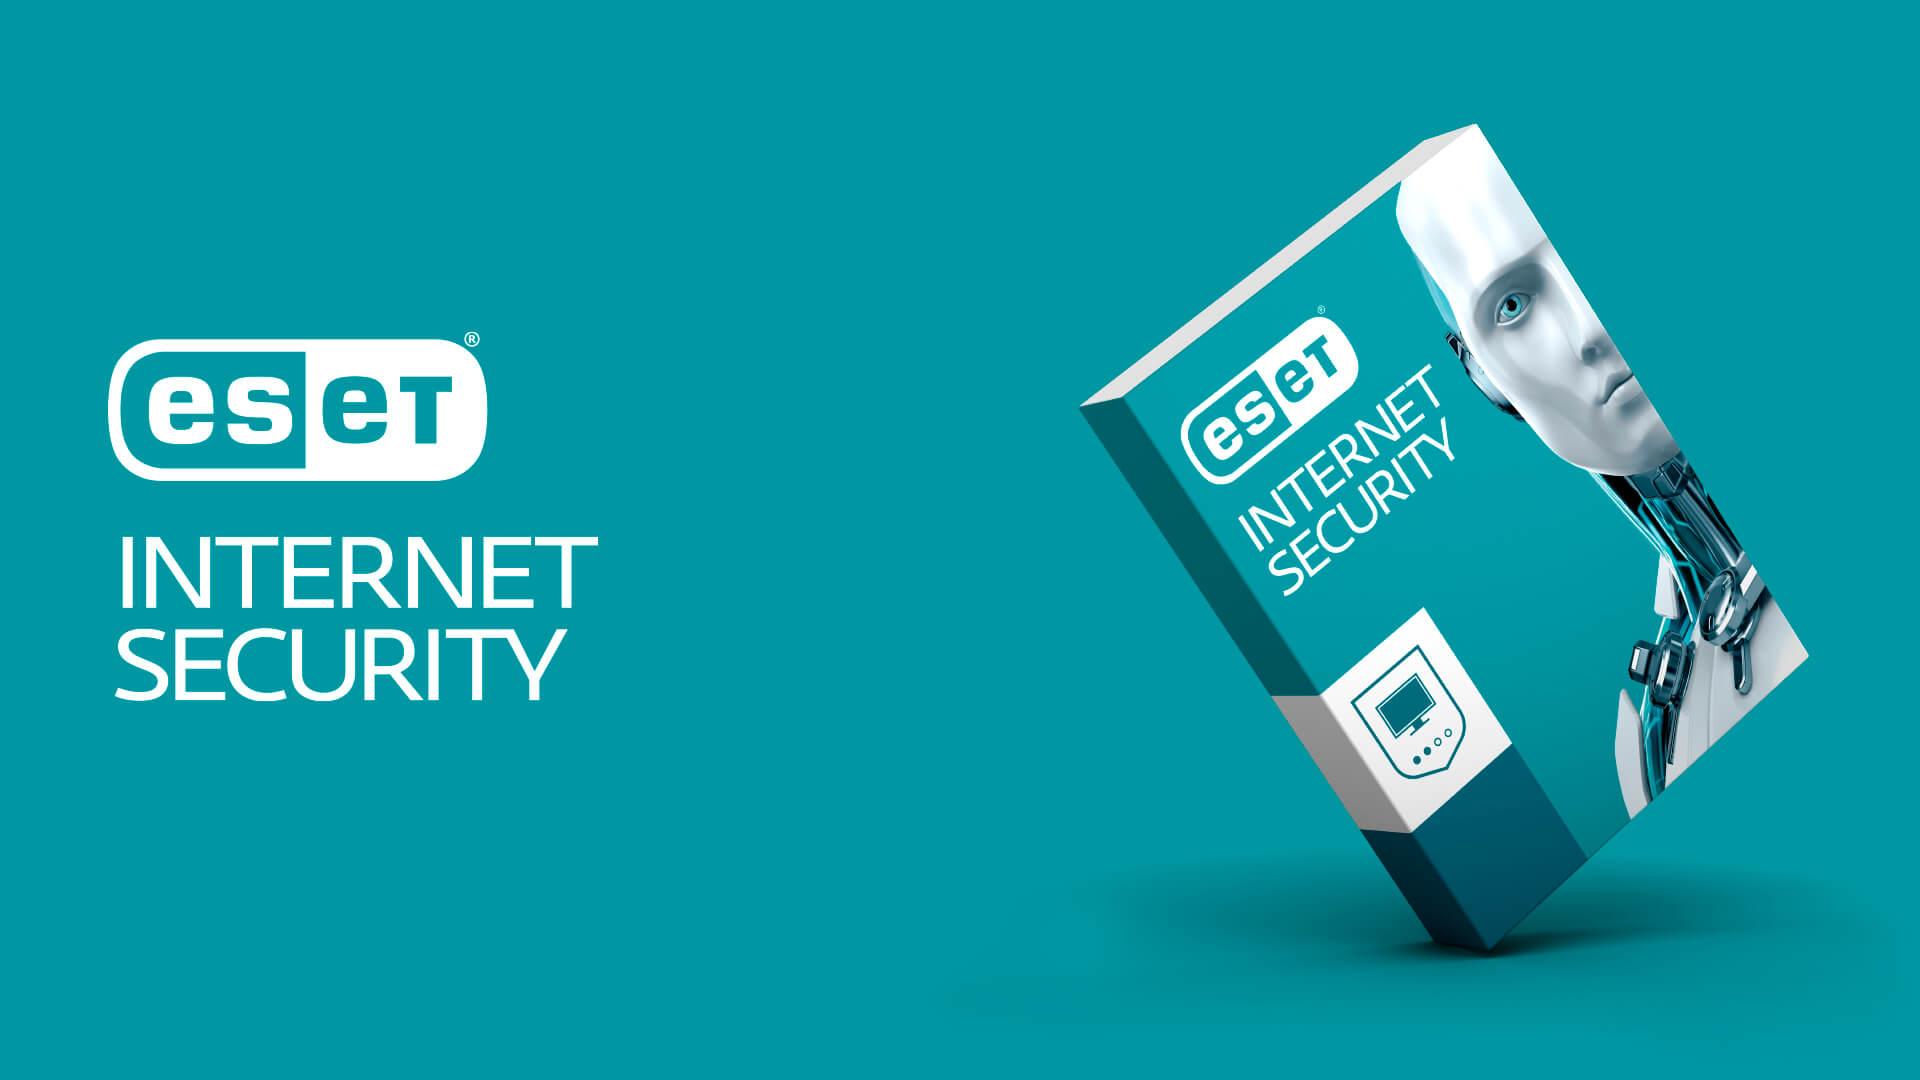 ESET Internet Security 13 full crack